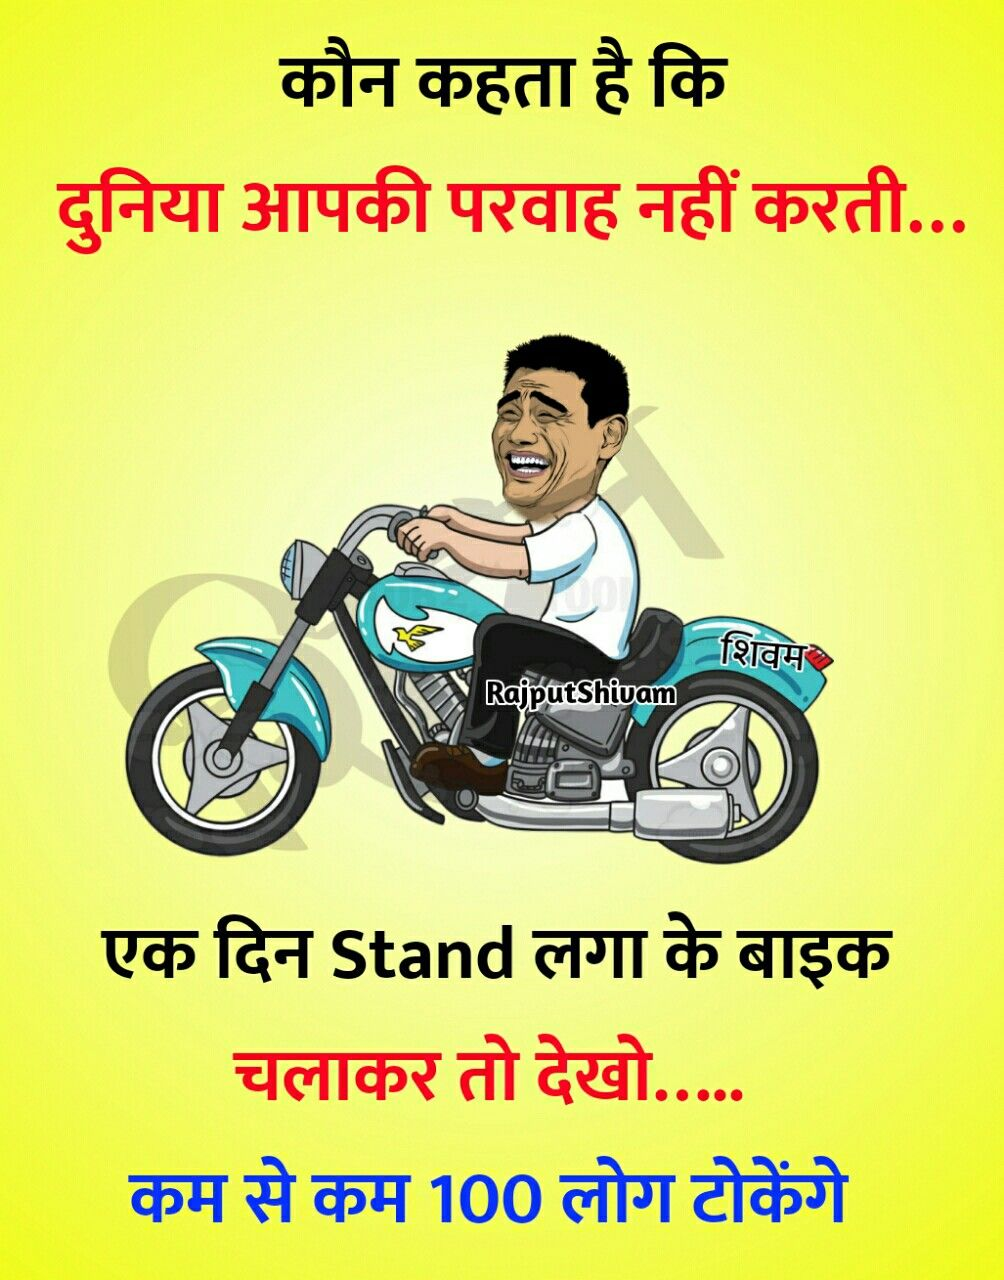 Pin By Shivam On Jokes Jokes In Hindi Jokes Funny